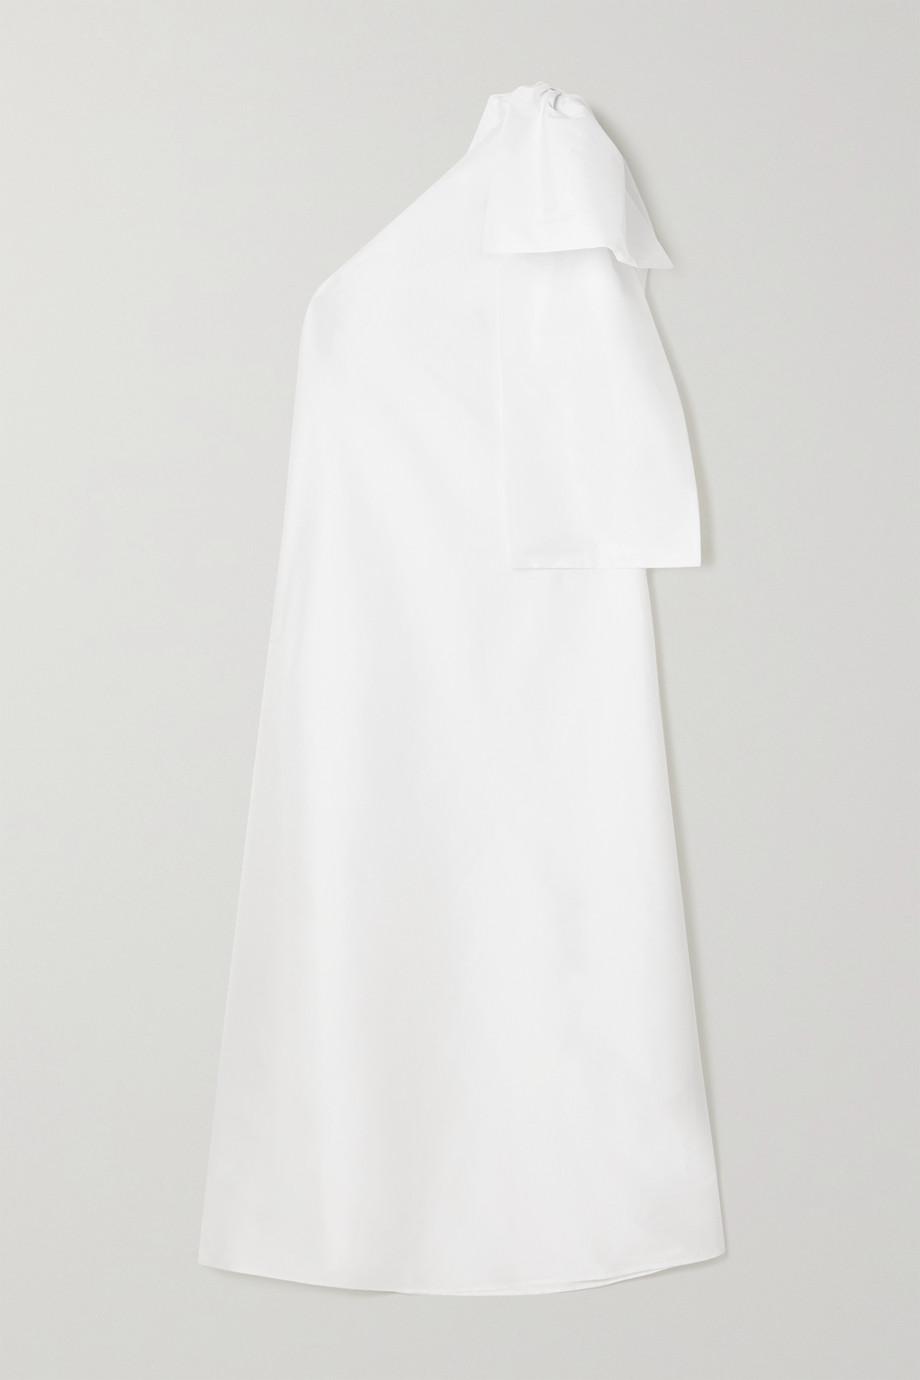 BERNADETTE Winnie Robe aus Taft mit asymmetrischer Schulterpartie und Schleife